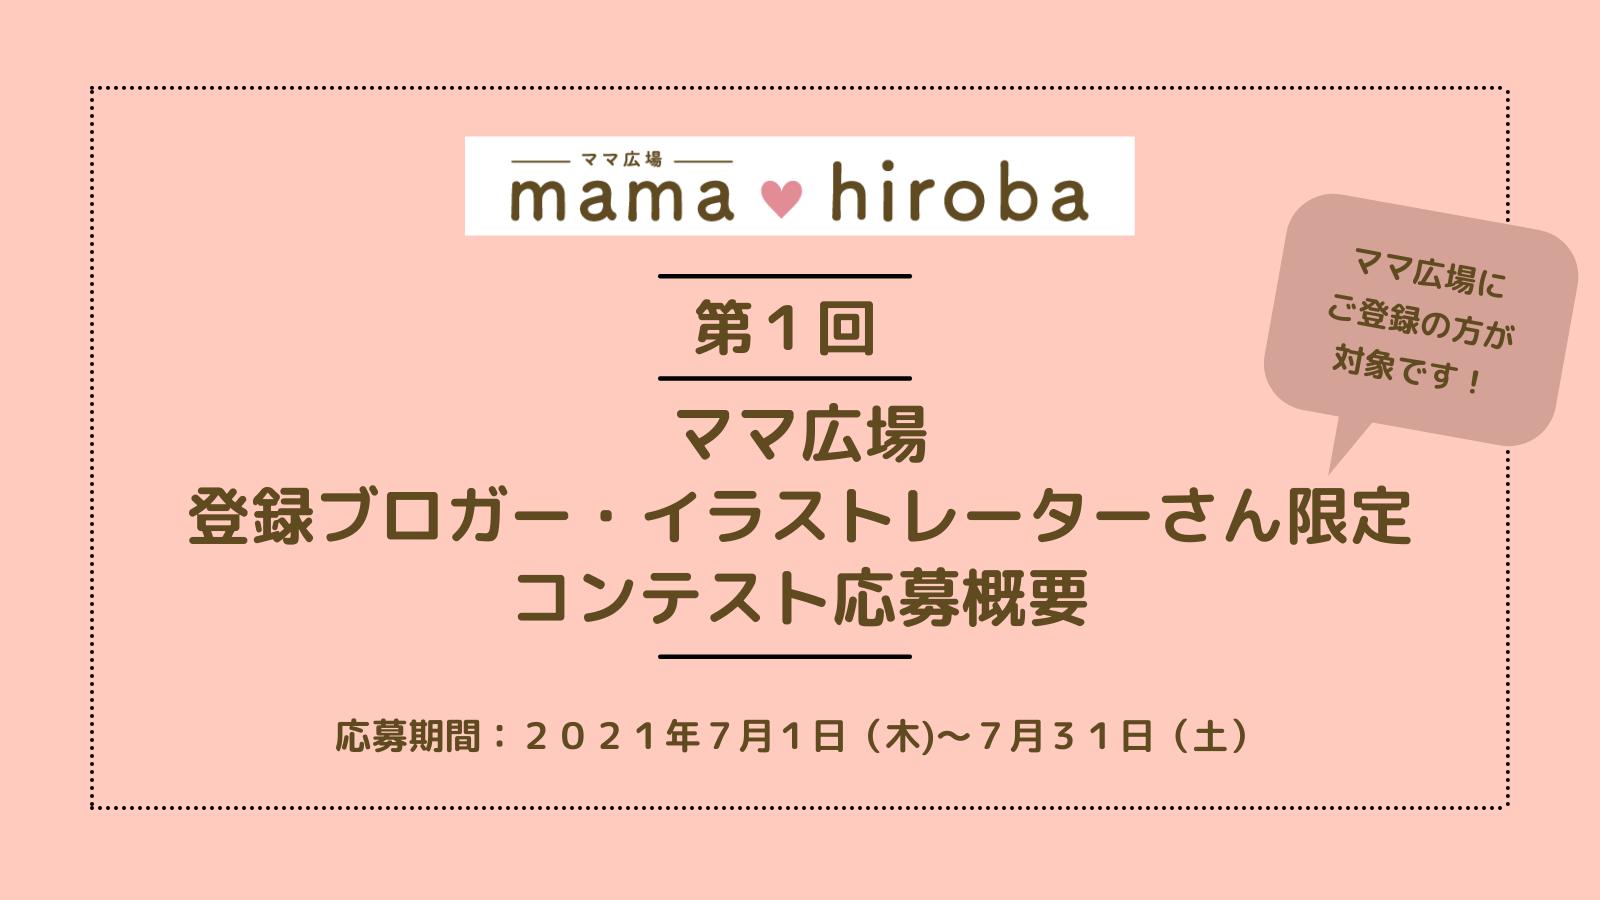 「第1回ママ広場コンテスト」応募規約